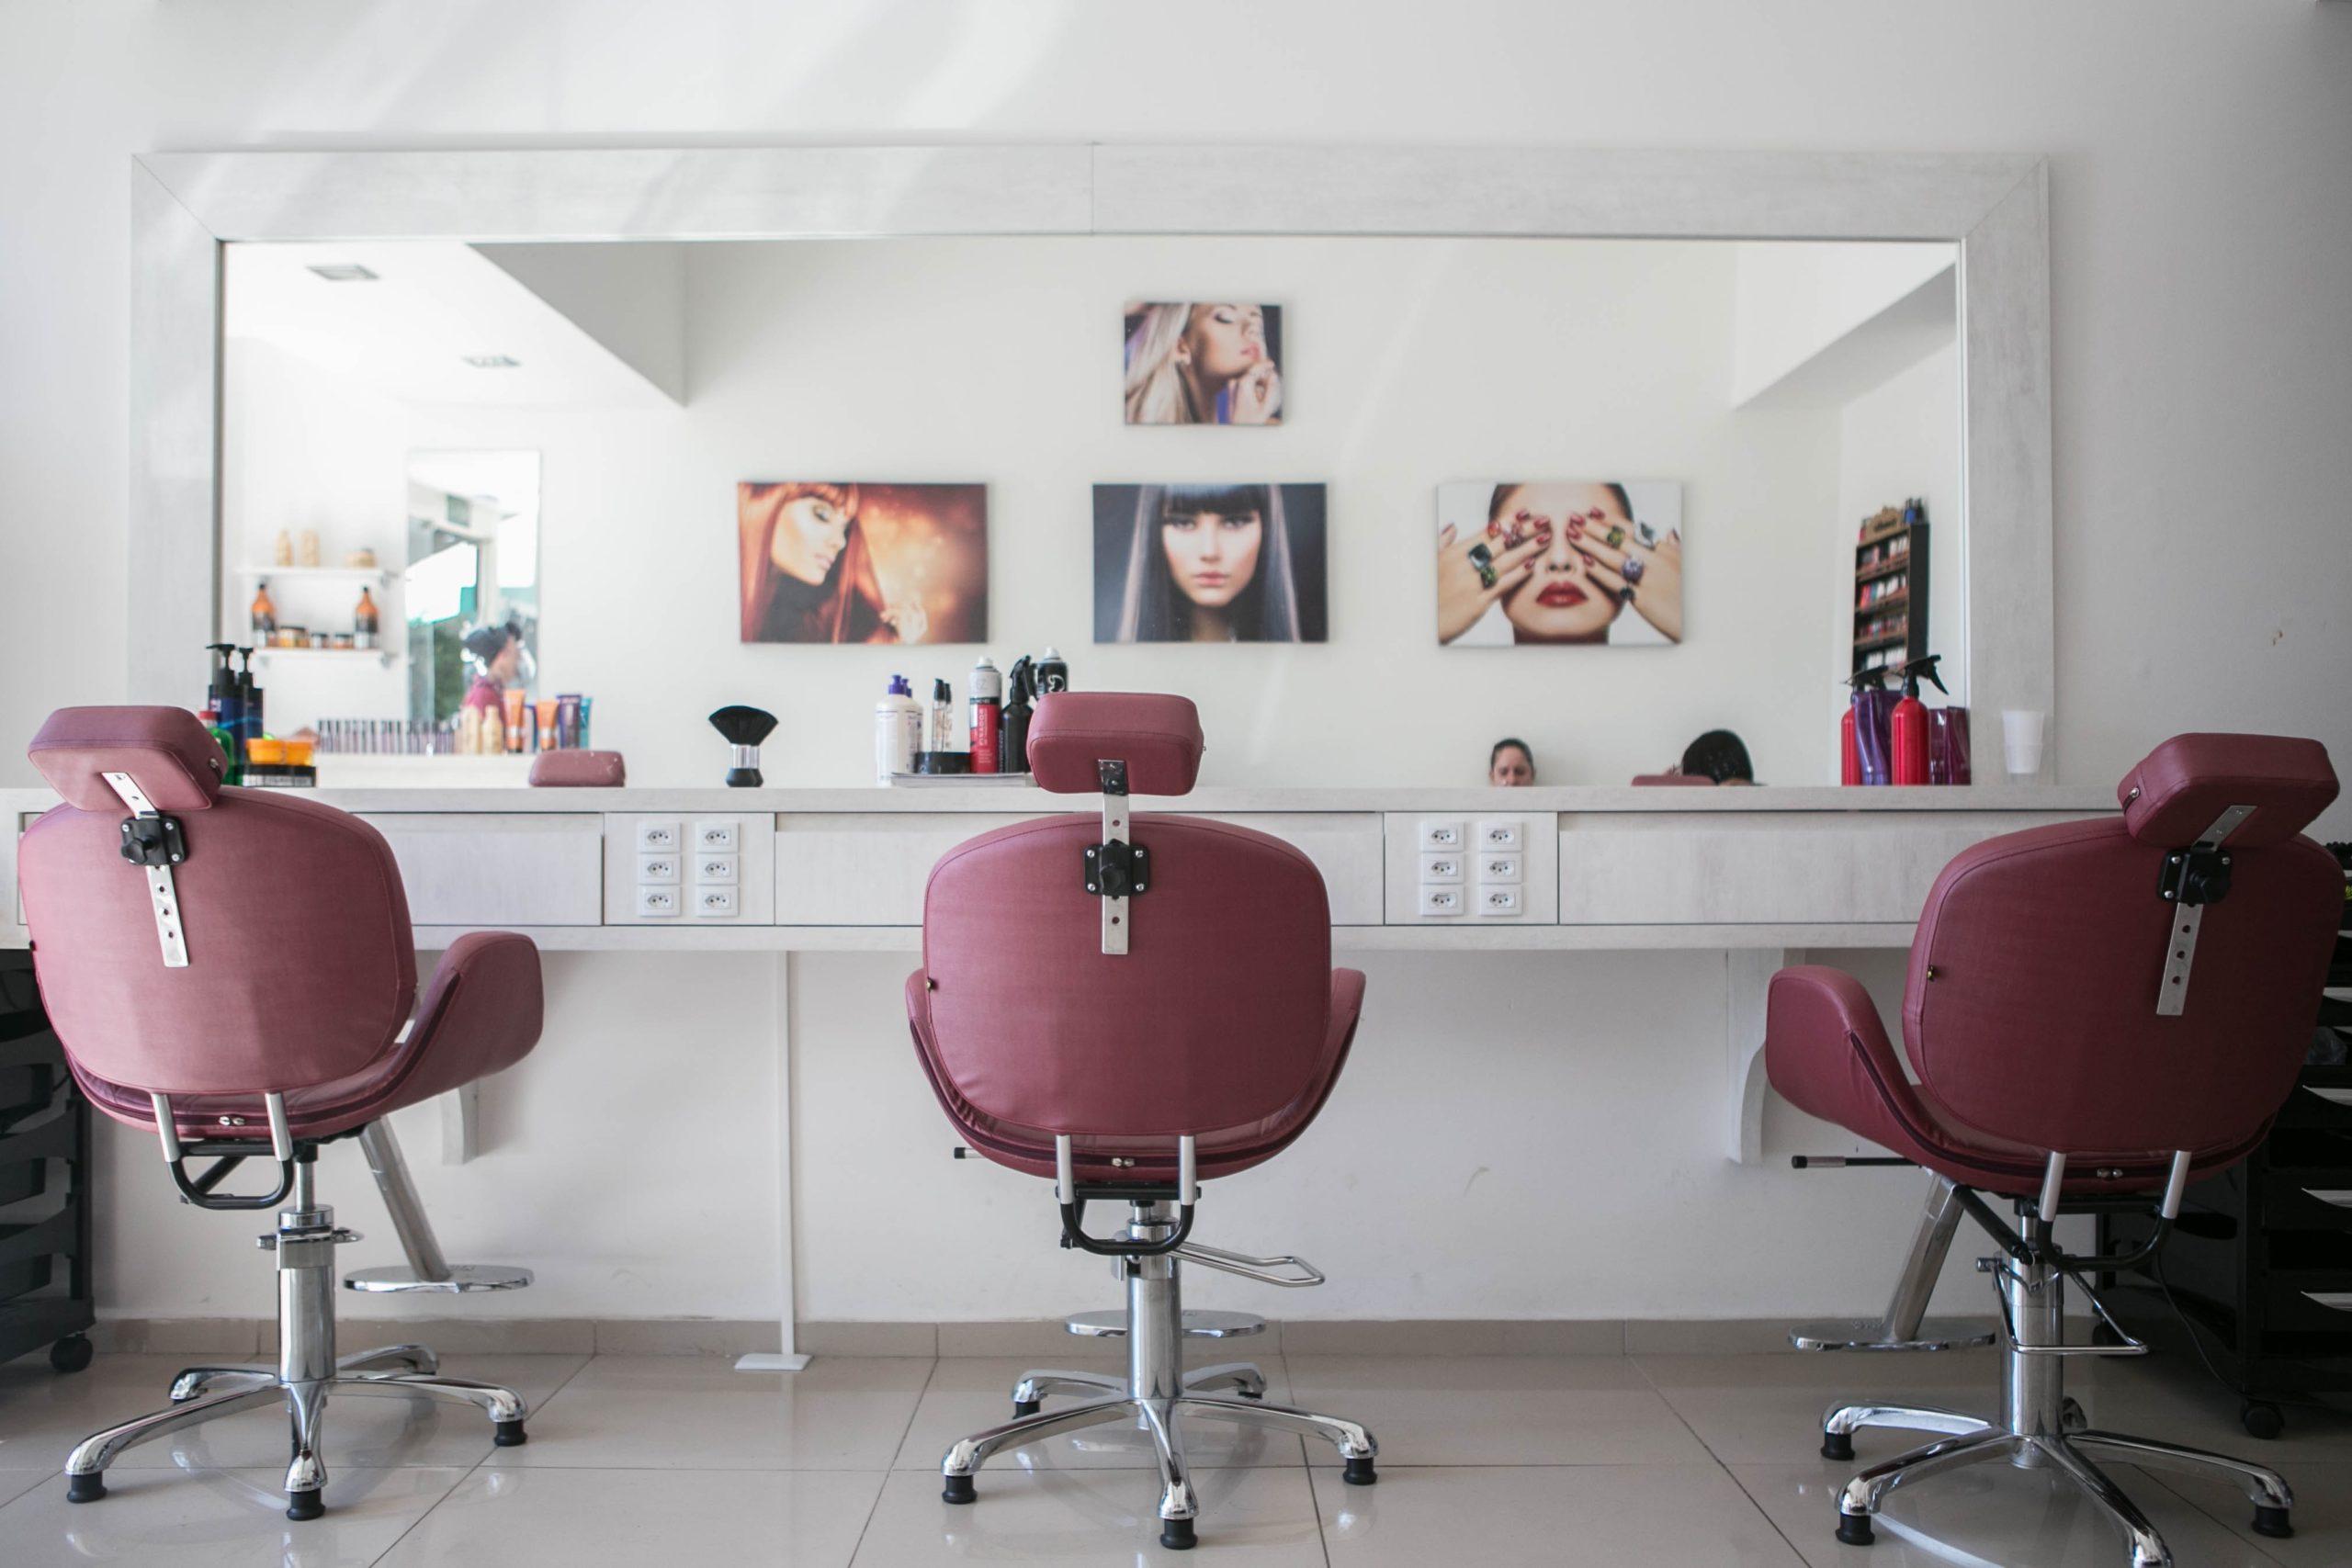 Bezpieczny salon fryzjerski